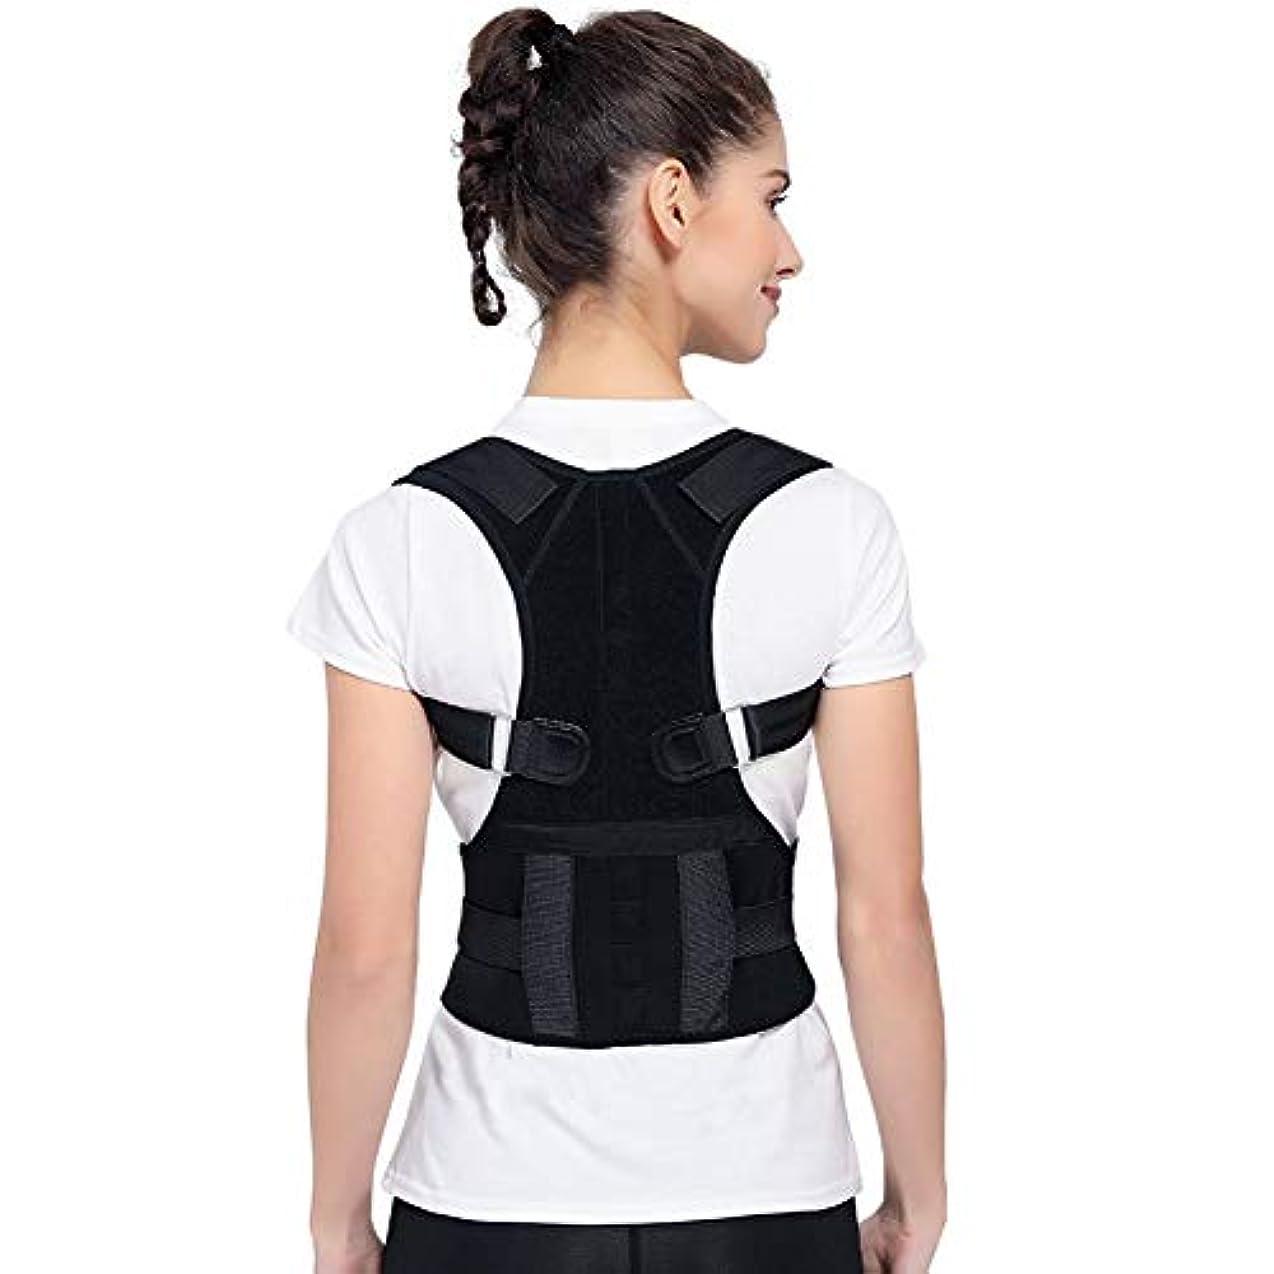 どういたしまして蒸発する狭い姿勢補正器、肩のサポートに最適な調節可能な鎖骨ブレース、脊椎のアライメント、肩のサポート,XL